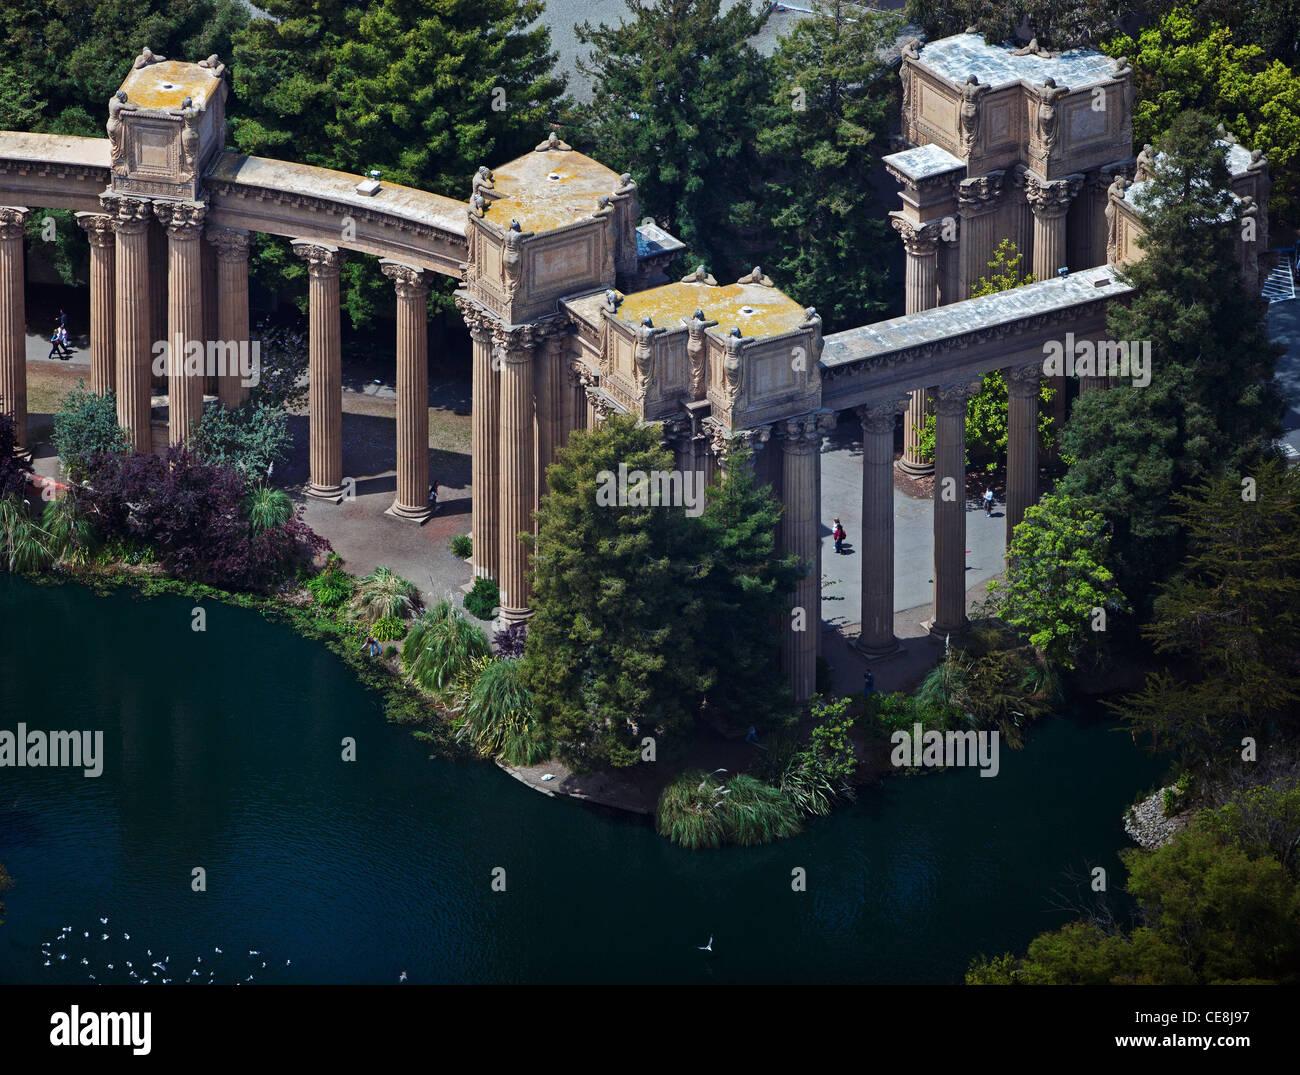 Photographie aérienne des rangées de colonnes corinthiennes Palais des Beaux-arts de San Francisco Californie Photo Stock